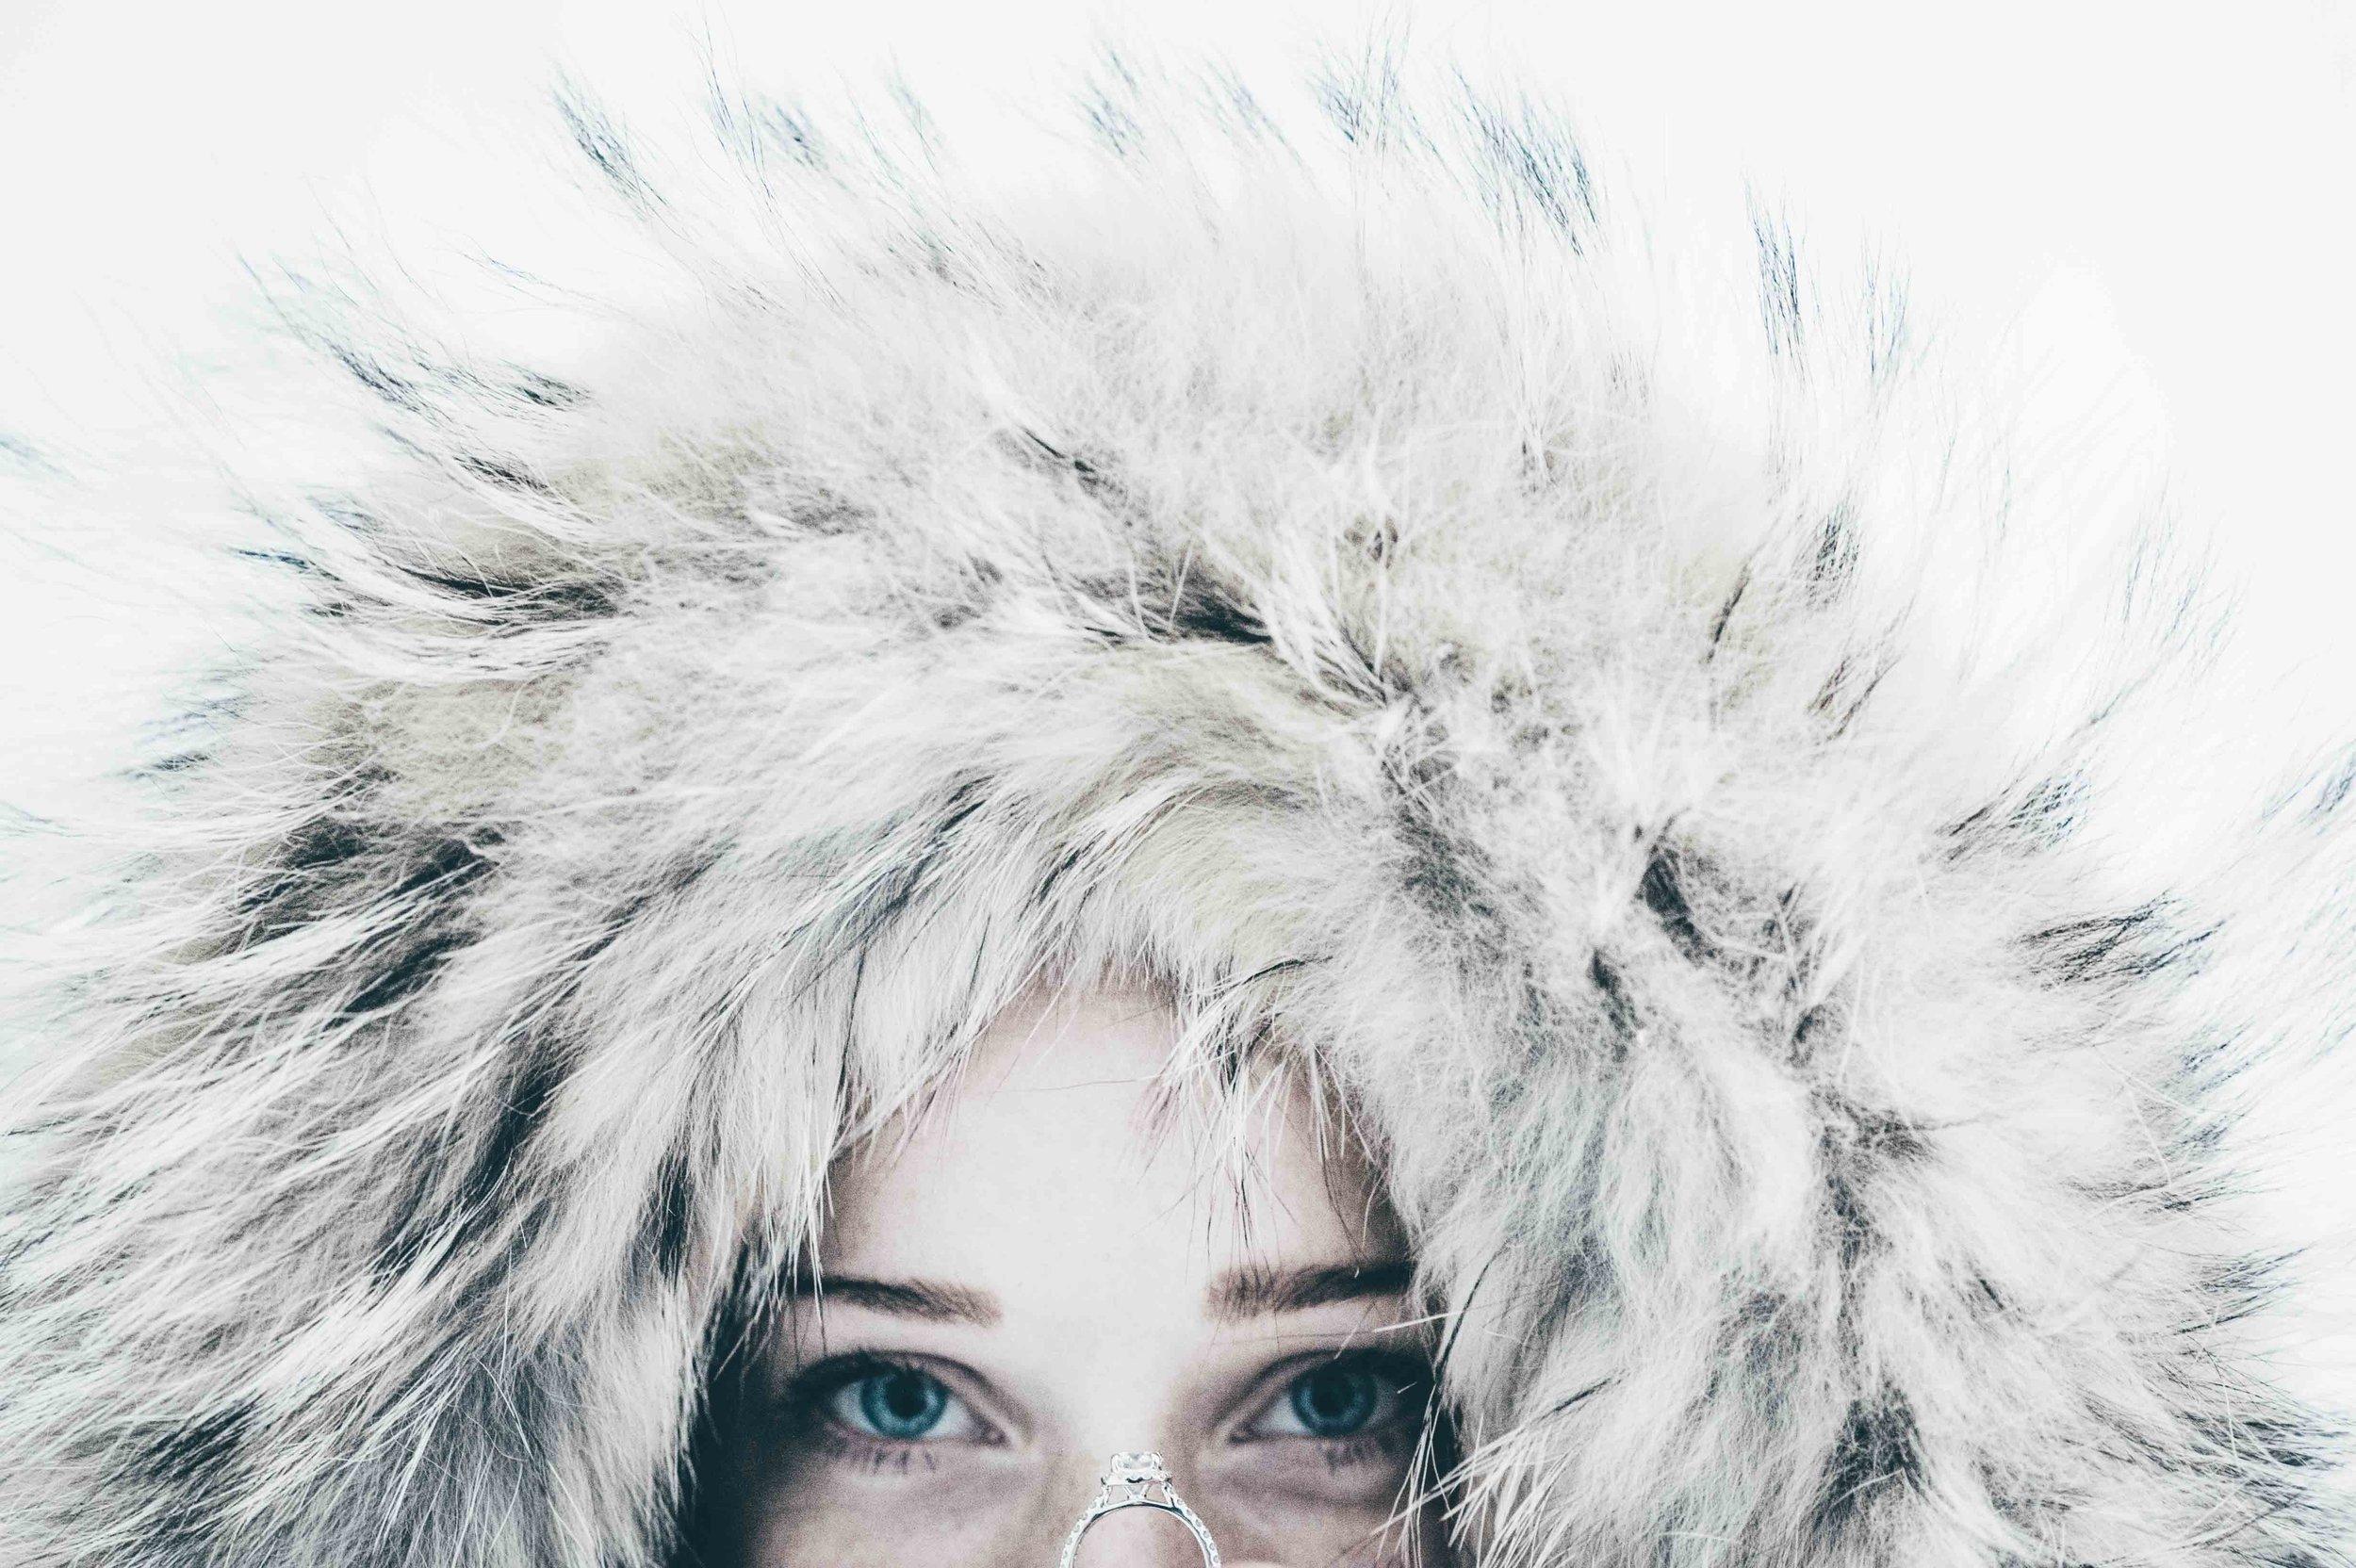 ICEHOTEL - By- Asaf Kliger (9 of 15) (1).jpg